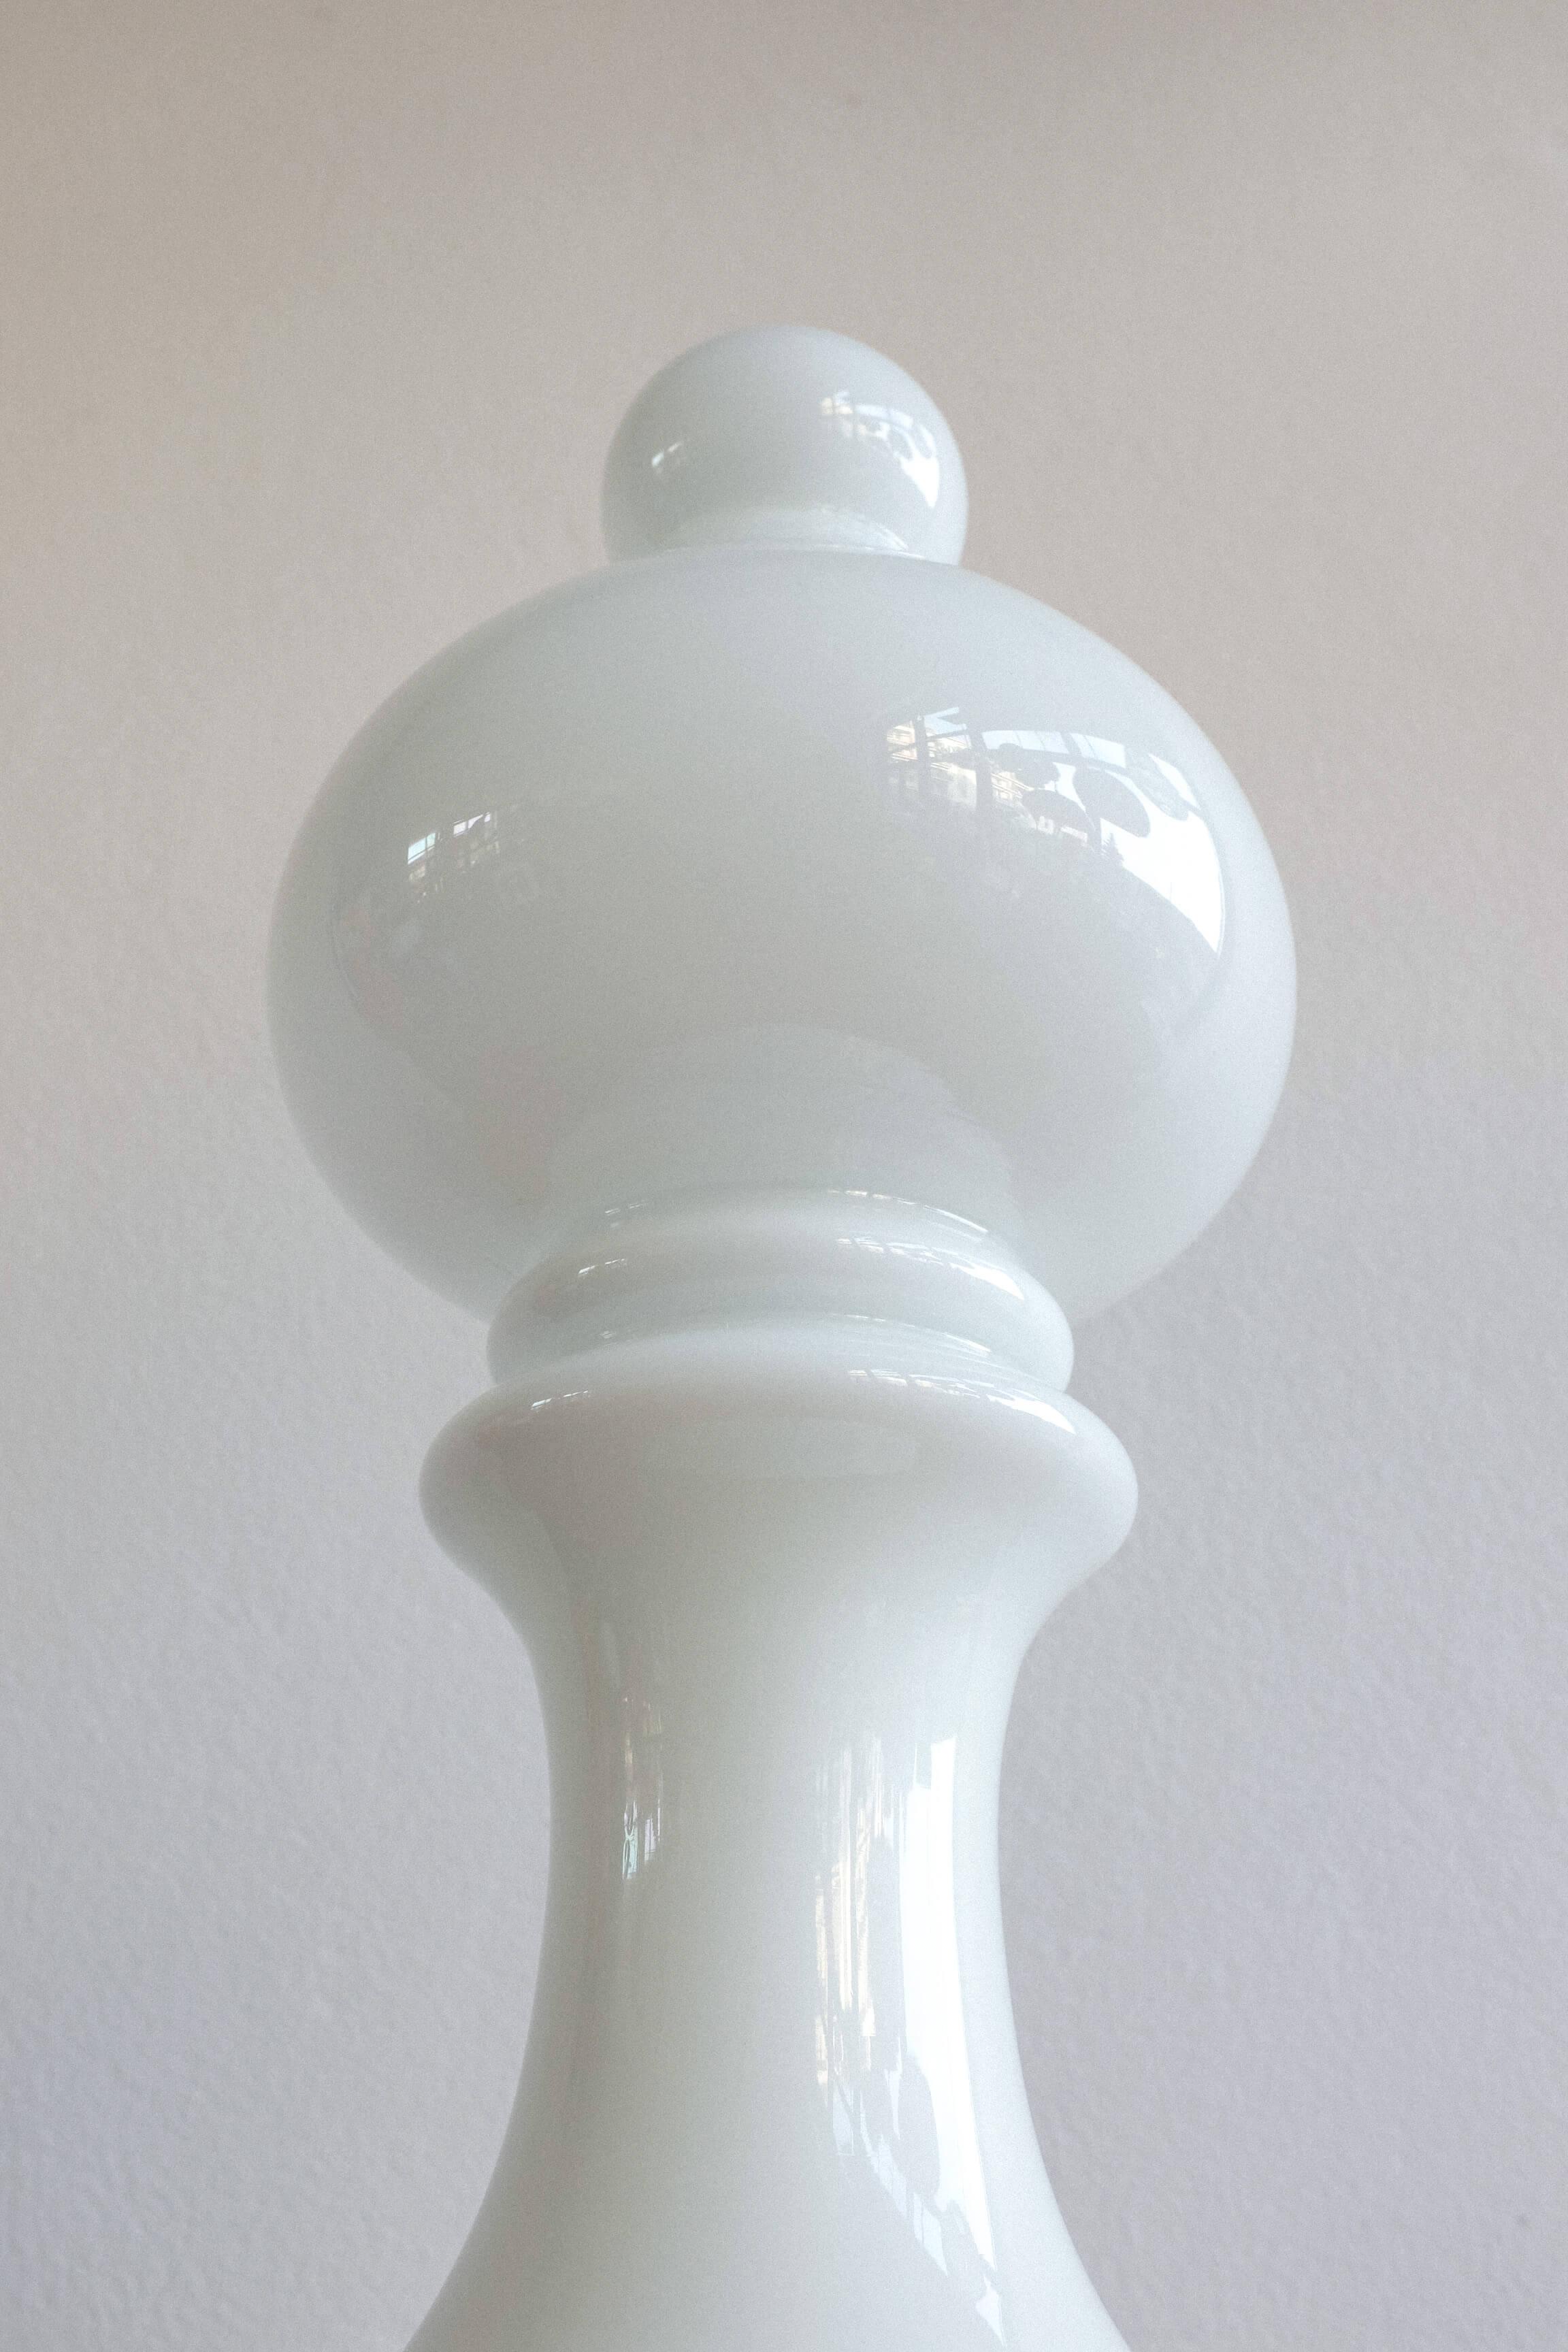 DSCF8038